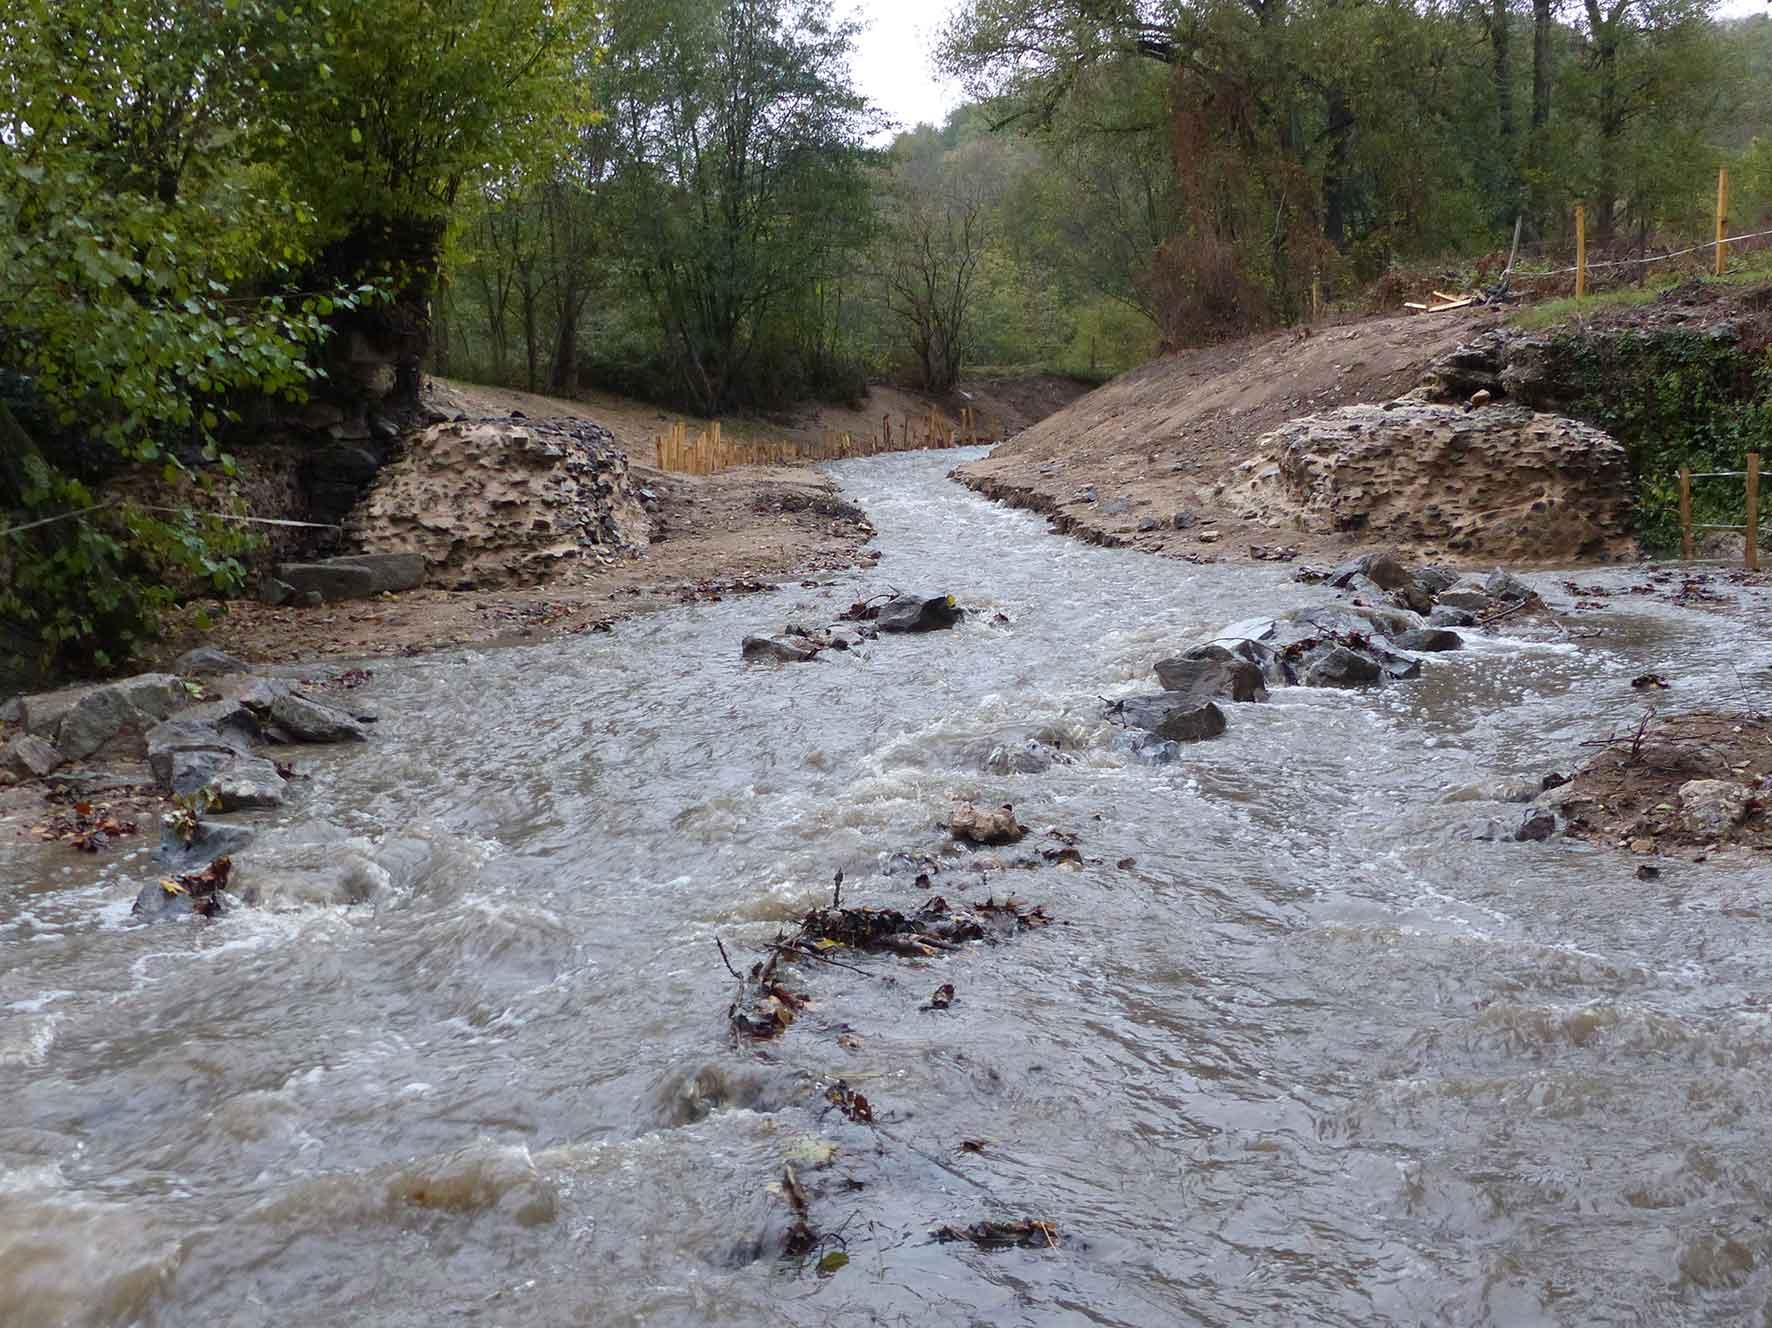 Seuil de l'aqueduc Romain du Gier sur le Garon à Brignais après travaux.